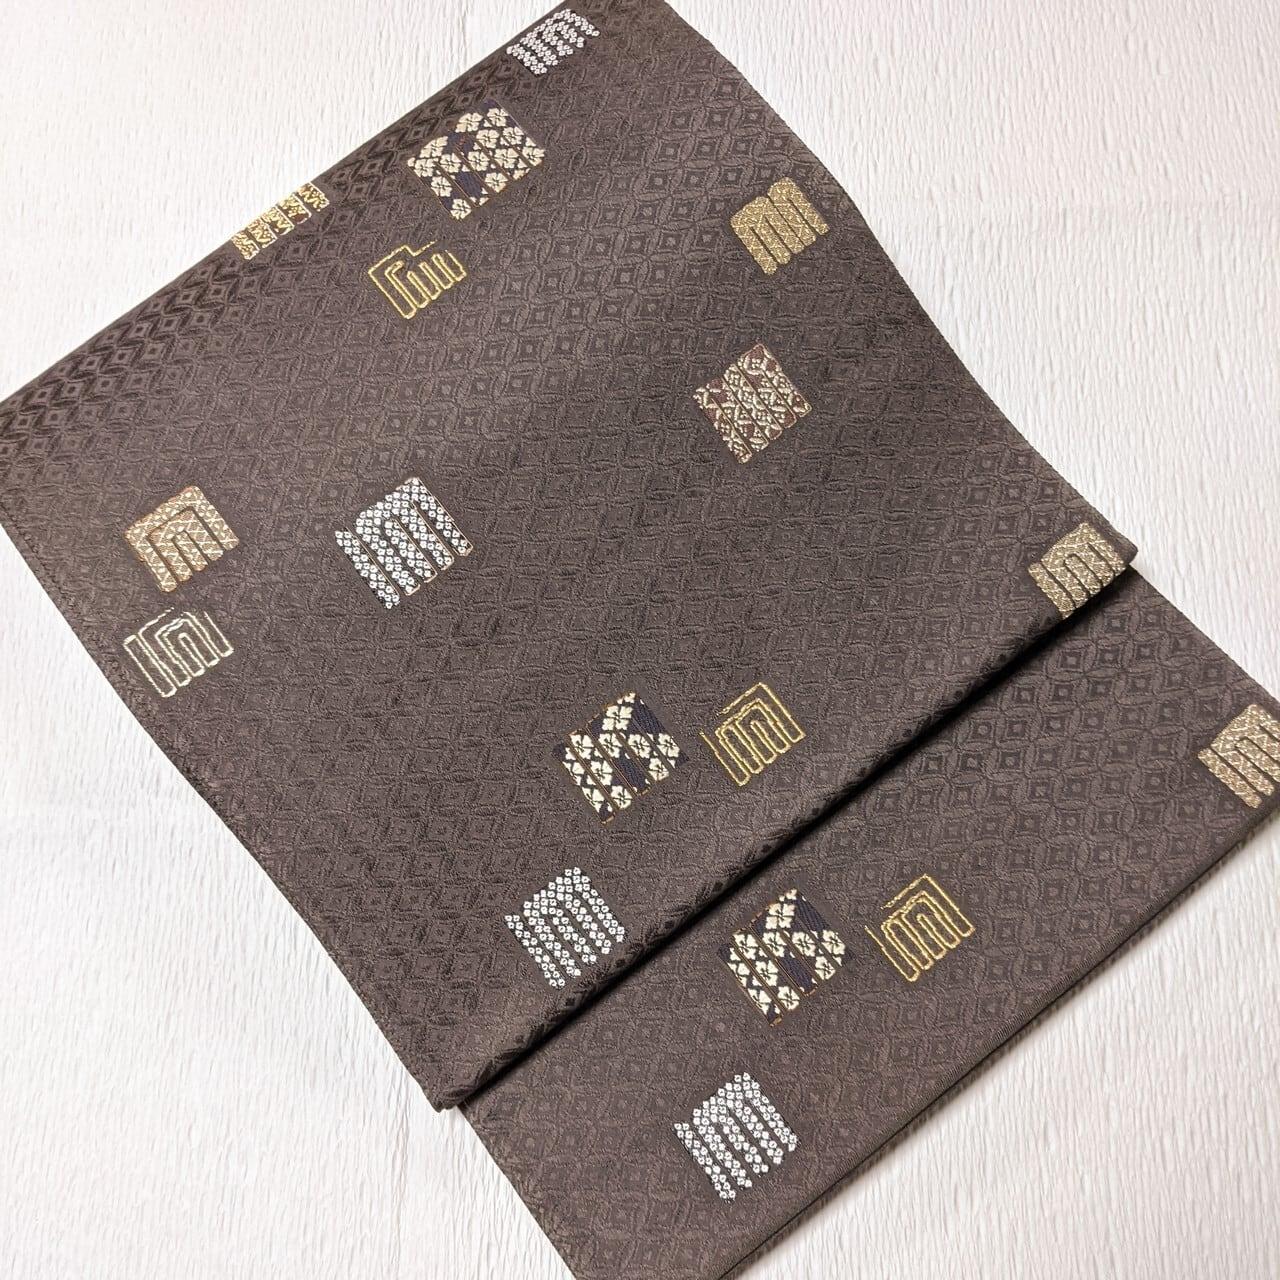 【未使用】逸品!加納幸製 袋帯六通 源氏香 七宝つながりの地紋  金銀×ココアブラウン